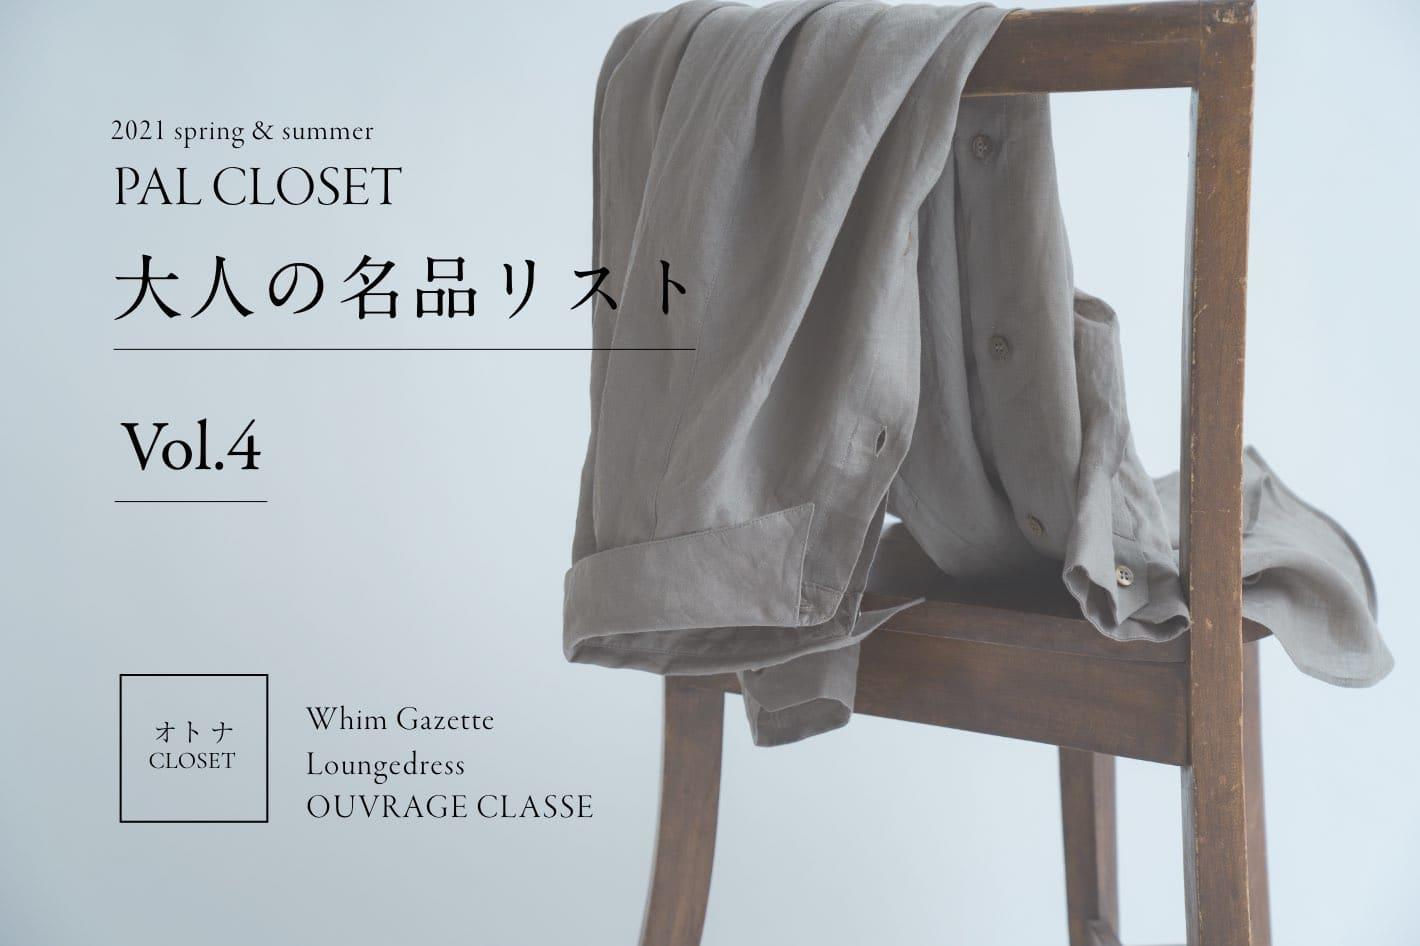 【オトナCLOSET】オトナの名品リスト Vol.4